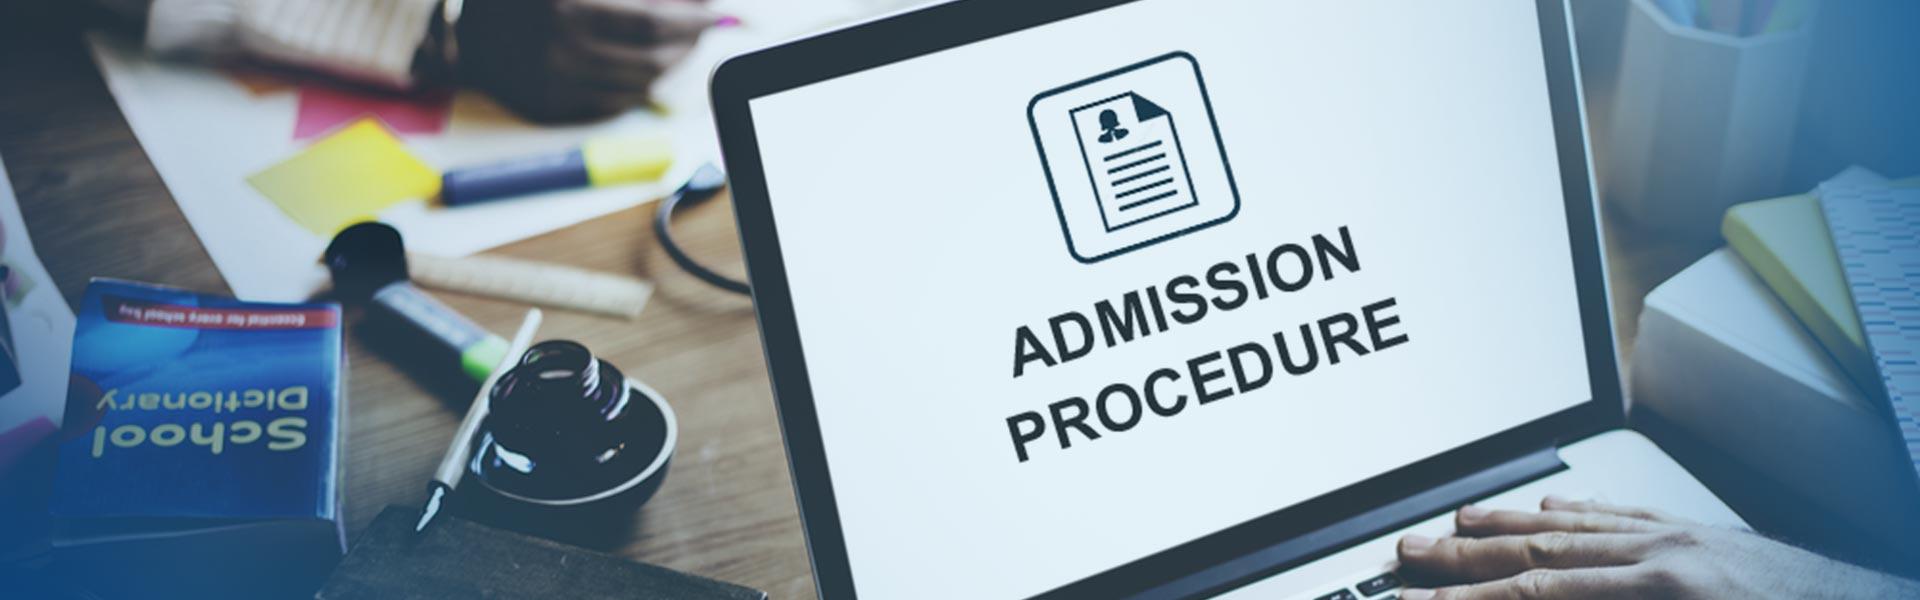 Η Βάση Εισαγωγής και η Μείωση Εισακτέων στα Ελληνικά Πανεπιστήμια